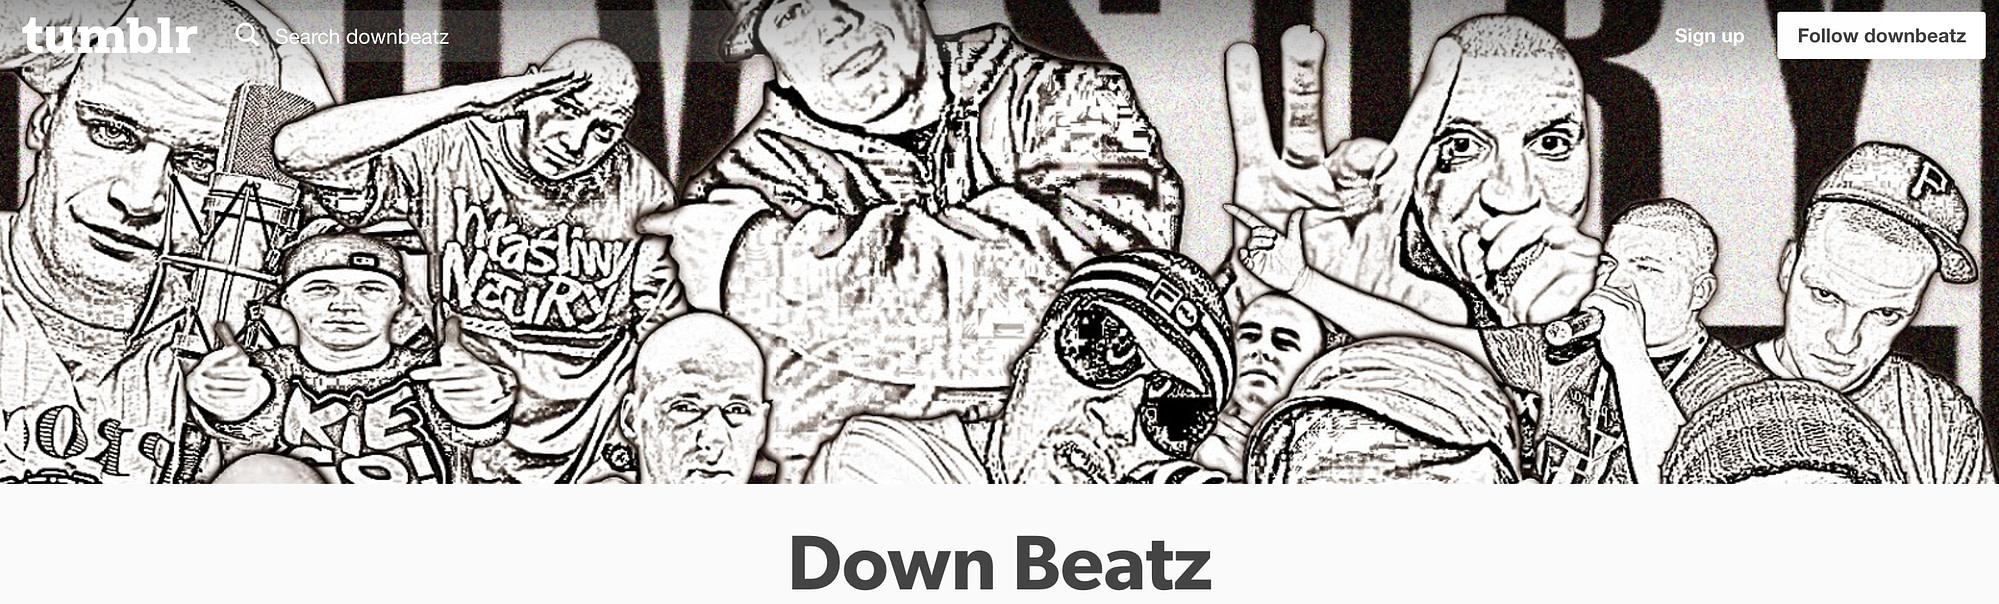 dOWN beatz Tumblr image